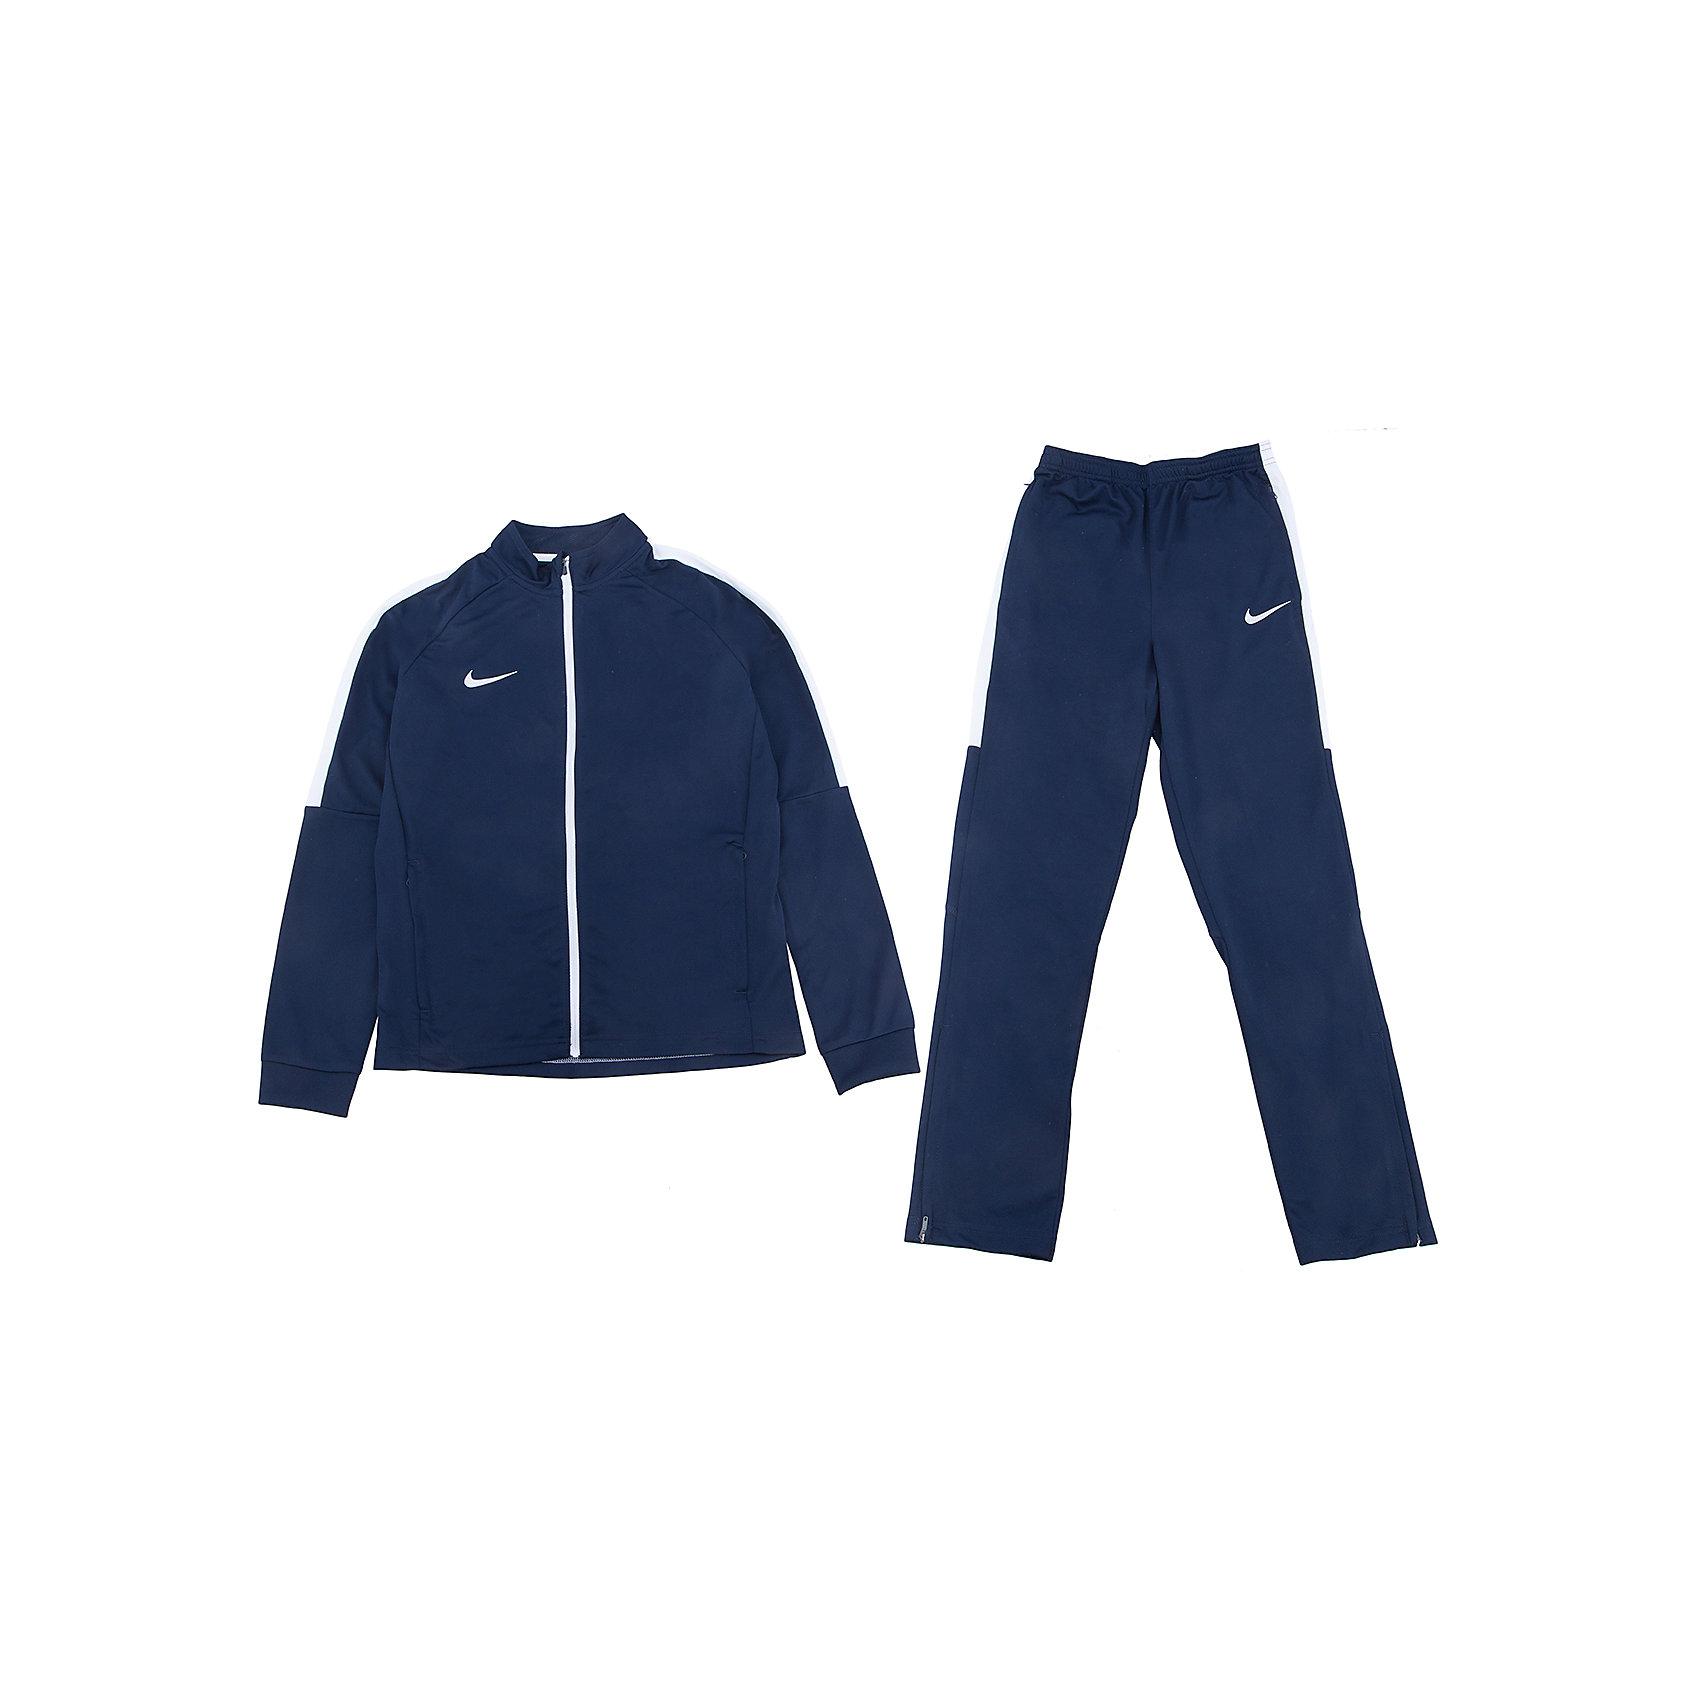 Спортивный костюм NIKEСпортивная форма<br>Характеристики товара:<br><br>• цвет: синий<br>• комплектация: курточка, брюки<br>• спортивный стиль<br>• состав: 100% полиэстер, Nike Dry<br>• мягкий пояс брюк<br>• комфортная посадка <br>• молния<br>• манжеты<br>• небольшой принт<br>• материал дарит ощущение прохлады и комфорт<br>• машинная стирка<br>• износостойкий материал<br>• страна бренда: США<br>• страна изготовитель: Индонезия<br><br>Продукция бренда NIKE известна высоким качеством и уникальным узнаваемым дизайном. Удобная посадка не сковывает движения, помогает создать для тела необходимую вентиляцию и вывод влаги.<br><br>Материал обеспечивает вещам долгий срок службы и отличный внешний вид даже после значительного количества стирок. Уход за изделием прост - достаточно машинной стирки на низкой температуре.<br><br>Качественный материал создает комфортную посадку, вещь при этом смотрится очень стильно. Благодаря универсальному цвету она отлично смотрится с разной одеждой и обувью.<br><br>Спортивный костюм NIKE (Найк) можно купить в нашем интернет-магазине.<br><br>Ширина мм: 247<br>Глубина мм: 16<br>Высота мм: 140<br>Вес г: 225<br>Цвет: синий<br>Возраст от месяцев: 168<br>Возраст до месяцев: 180<br>Пол: Унисекс<br>Возраст: Детский<br>Размер: 158/170,122/128,128/134,135/140,147/158<br>SKU: 5532771